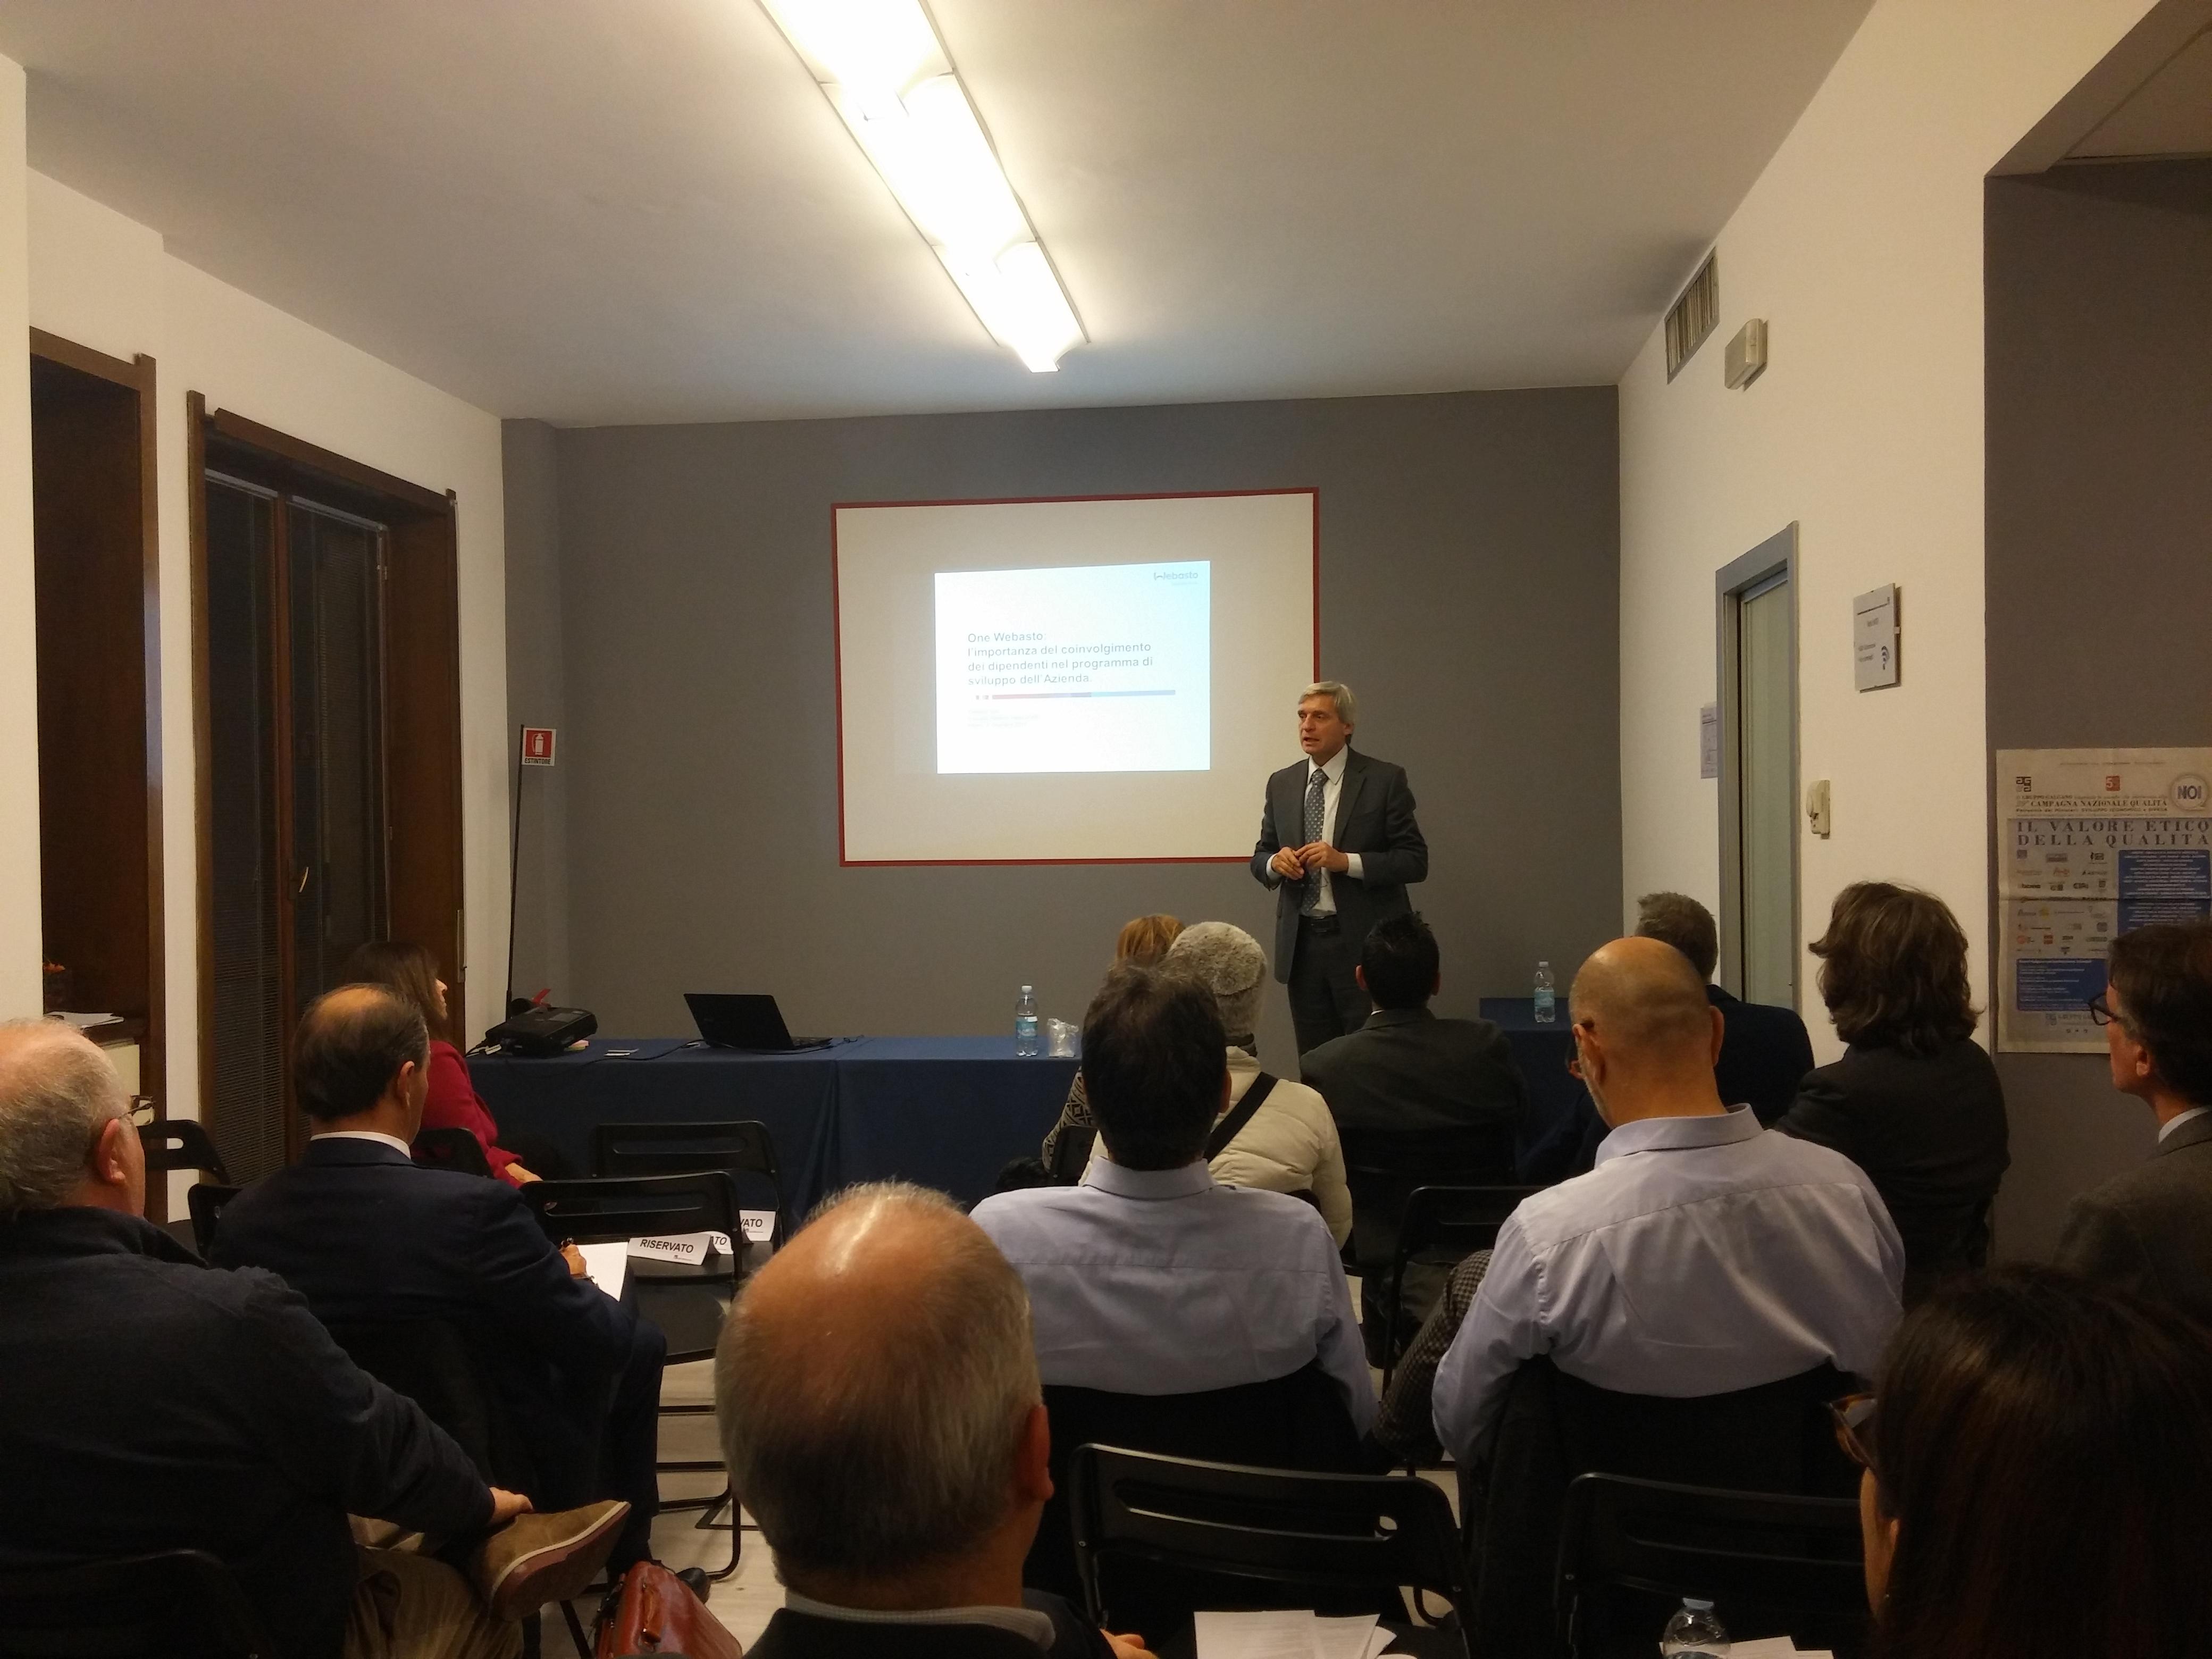 Roberto Pascolati, direttore risorse umane & organizzazione di WEBASTO